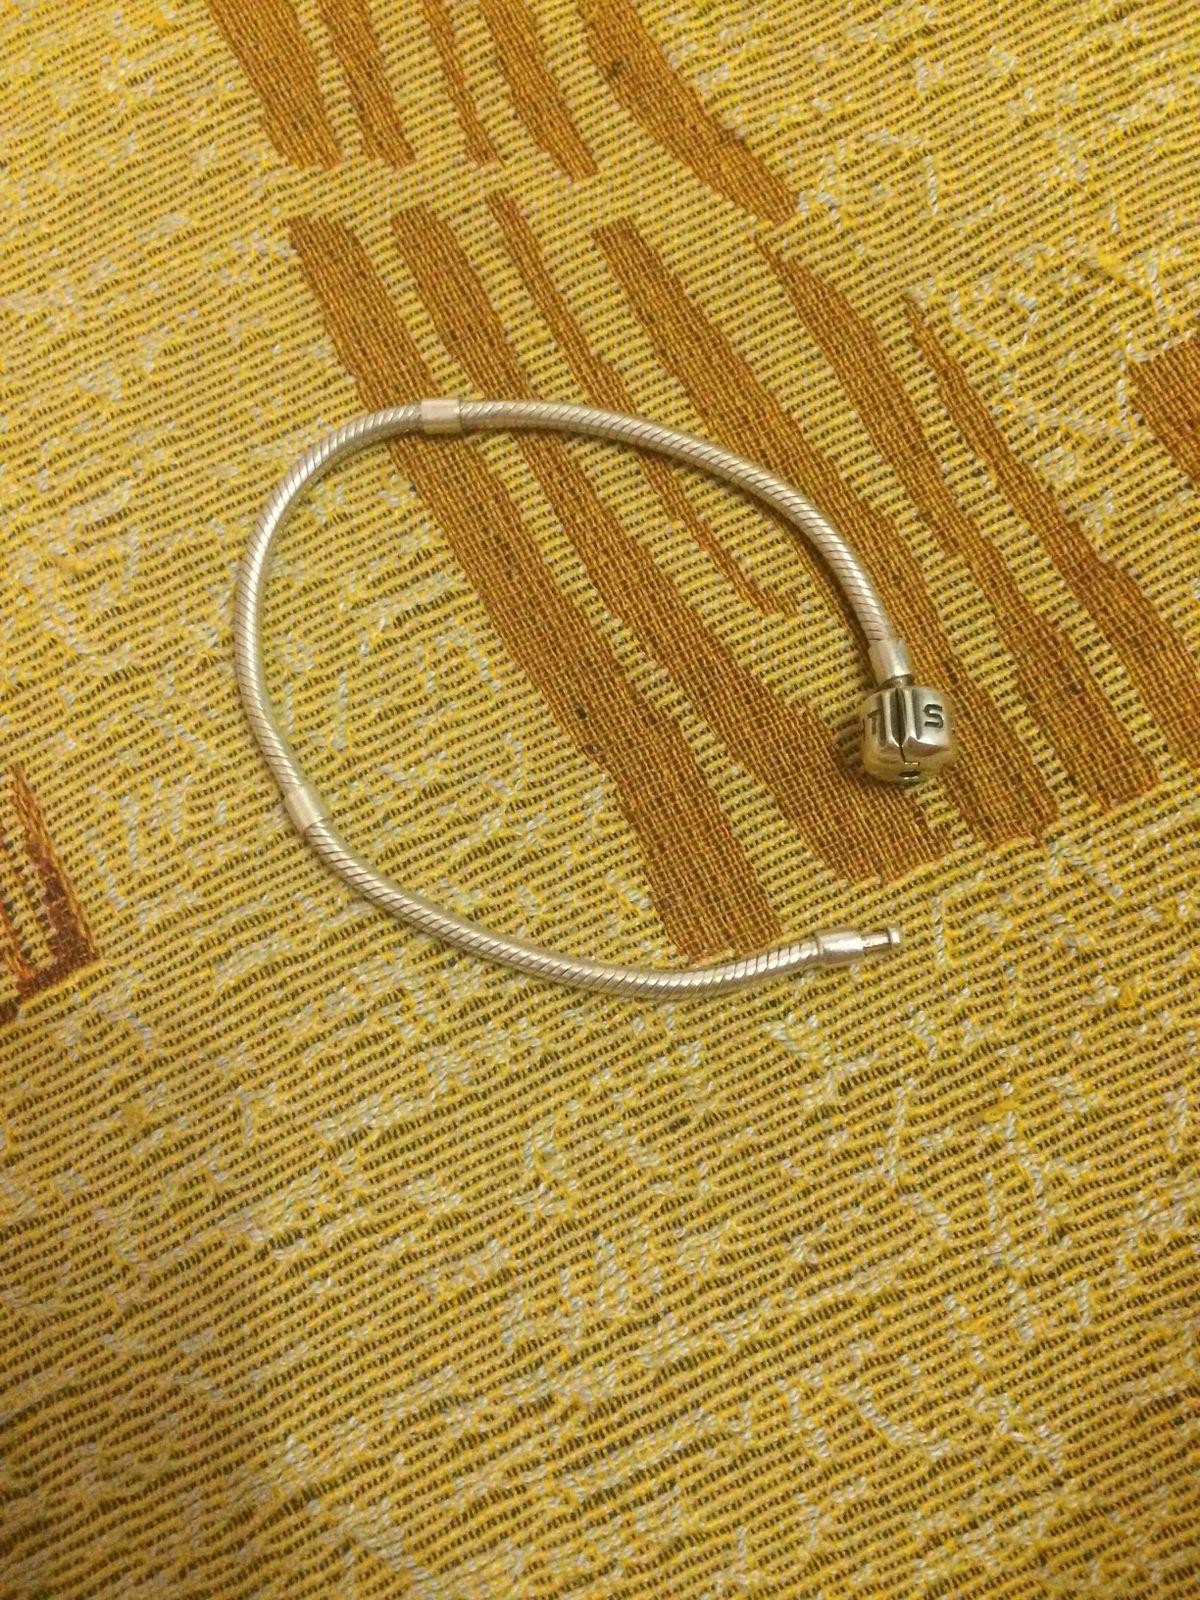 Моему браслету уже 2 года))